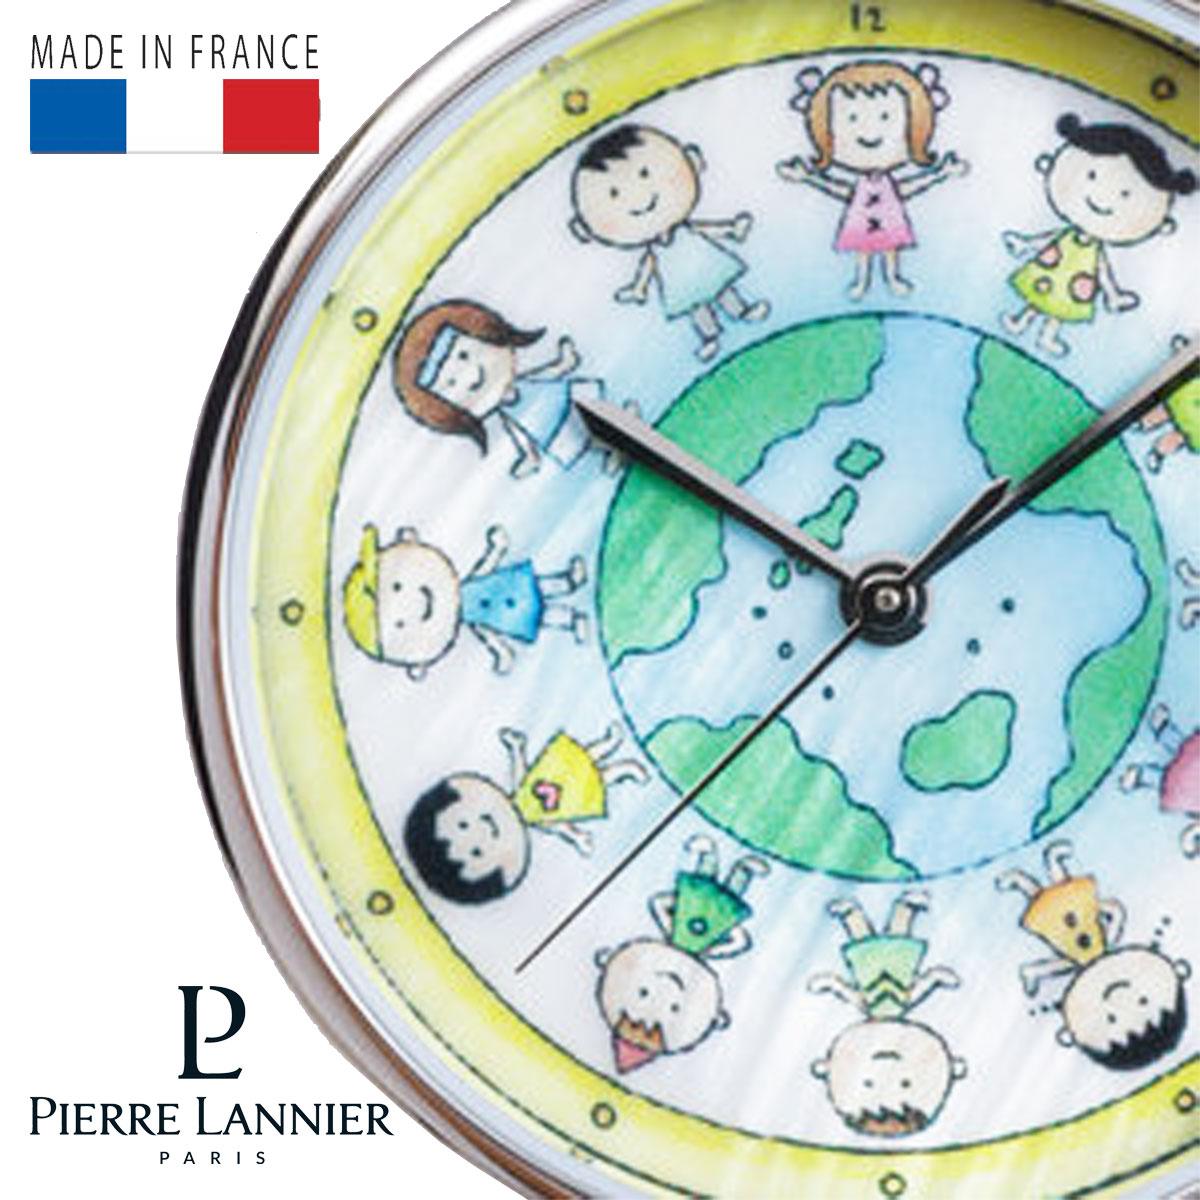 ピエールラニエ さくらももこコラボウォッチ ちびまる子ちゃん著者 レディース 腕時計 丸型 P479A690 地球の子供たち P480A690 干支 えと